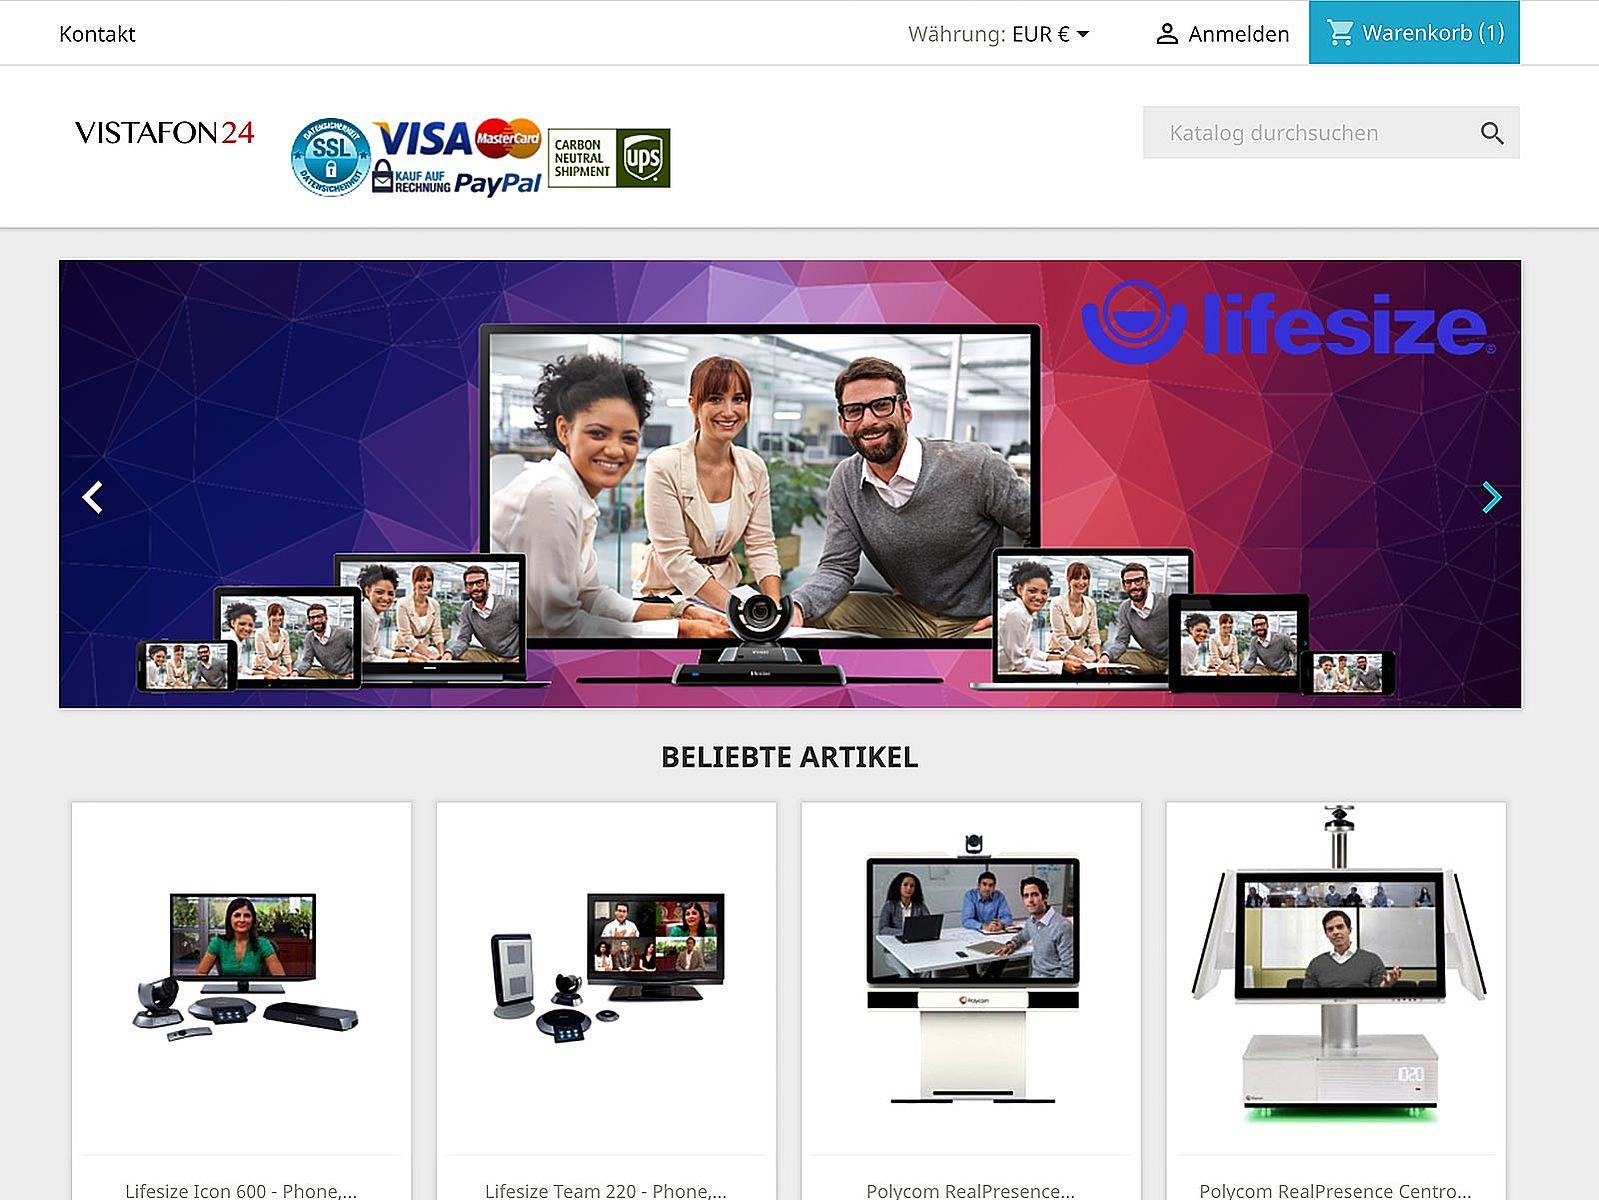 Prestashop-Optimierung und Google Adwords/Shopping für Vistafon24